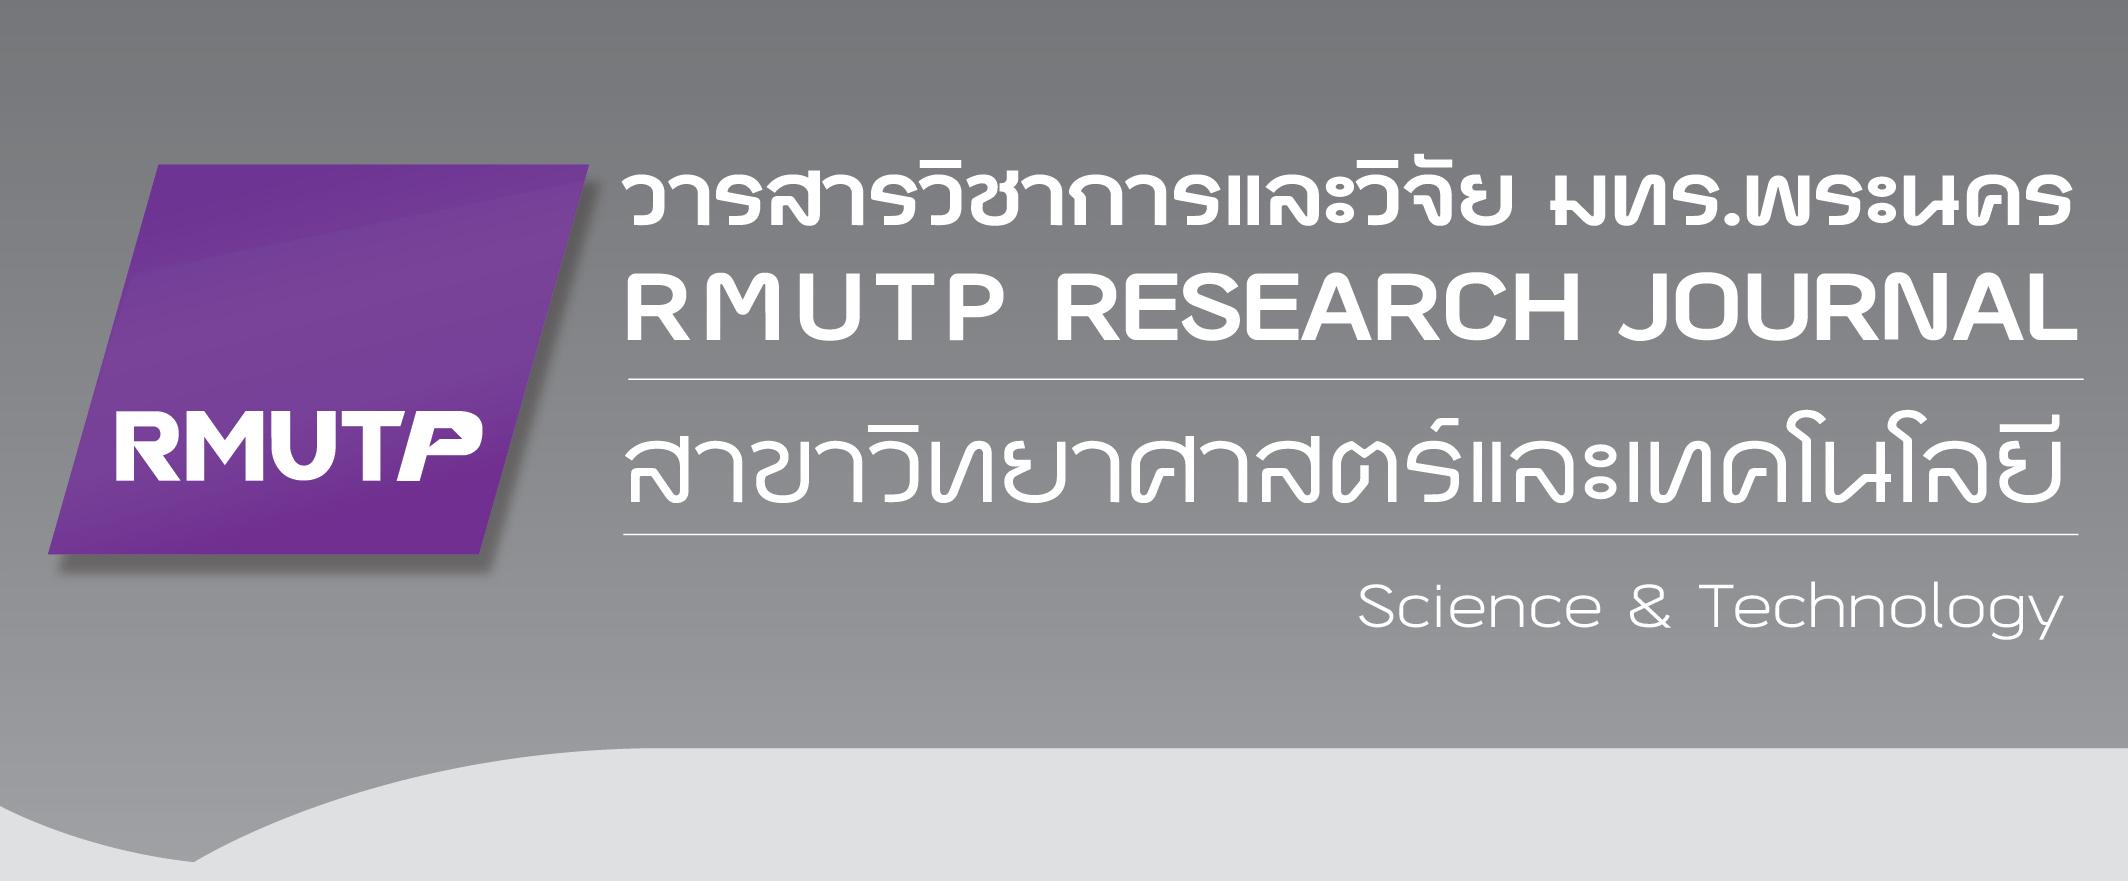 วารสารวิชาการและวิจัย